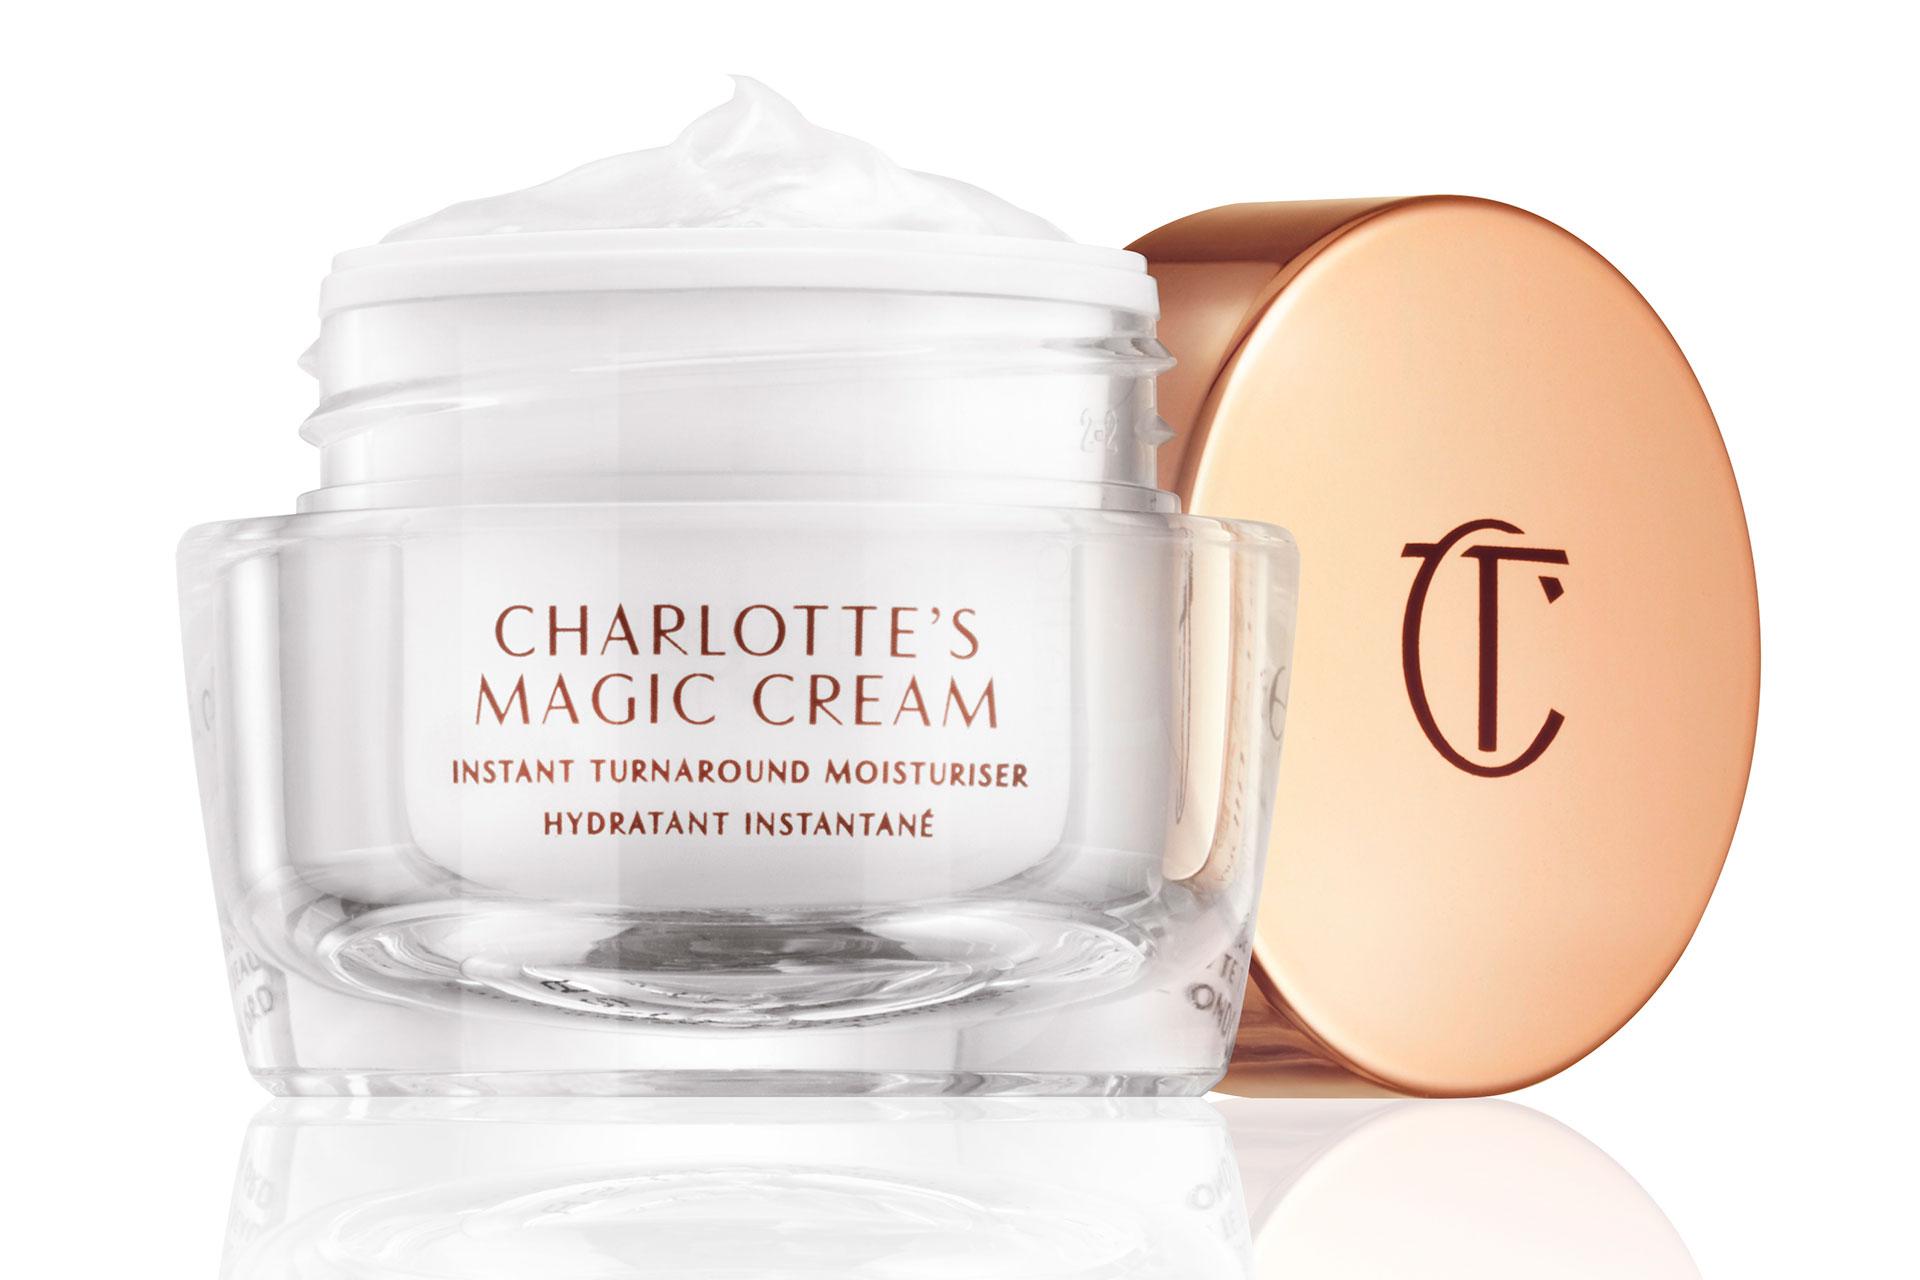 Charlotte's Magic Cream, Charlotte Tilbury